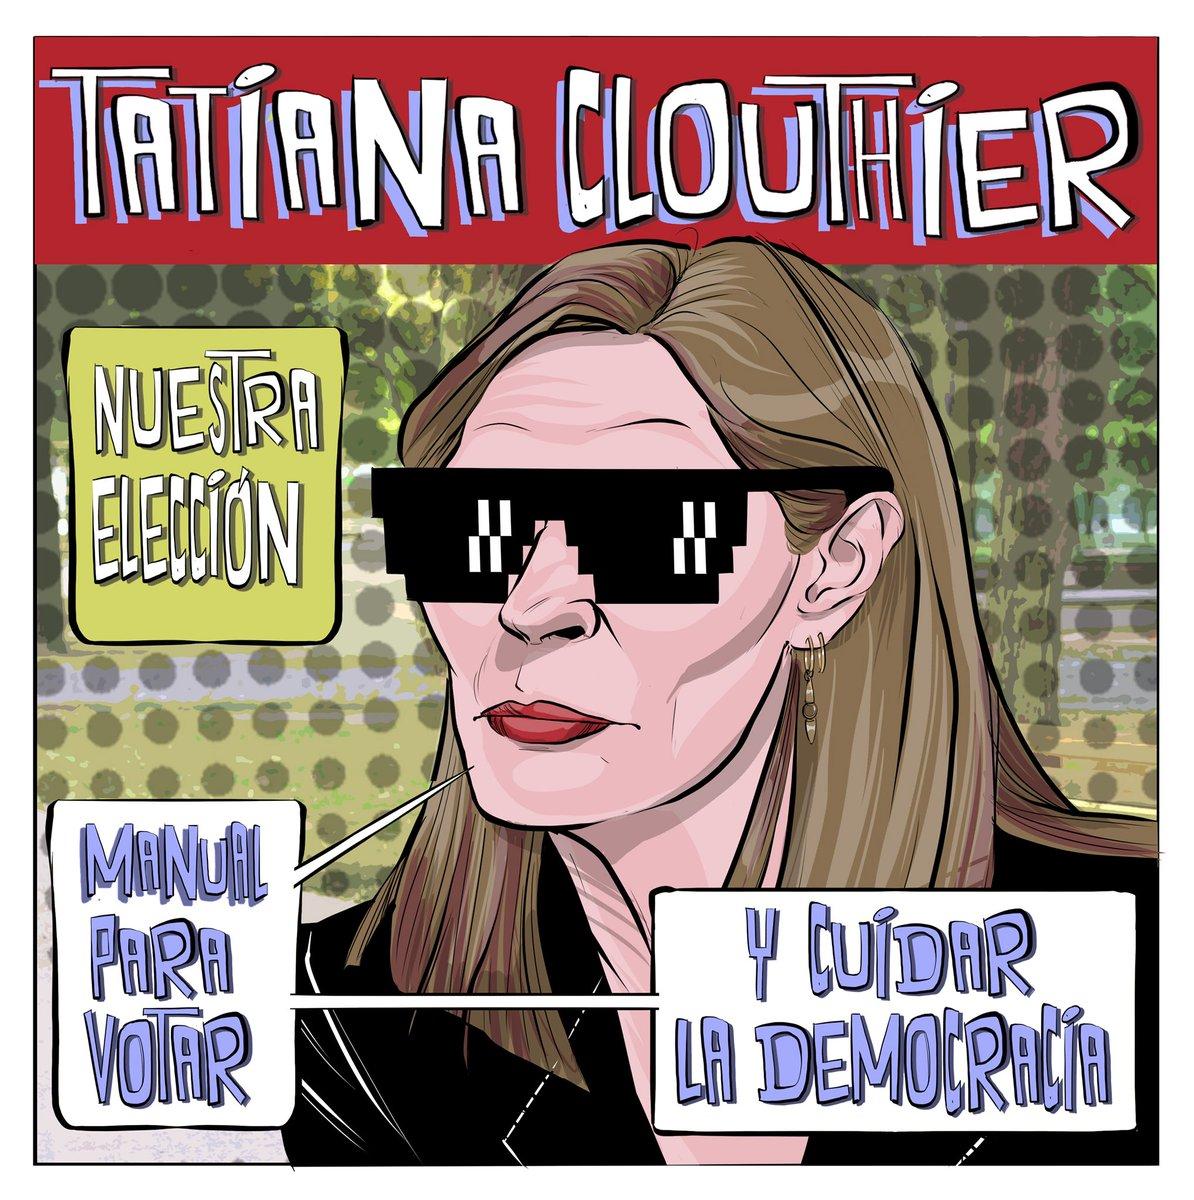 Manual para votar de Tatiana Clouthier para evitar fraudes